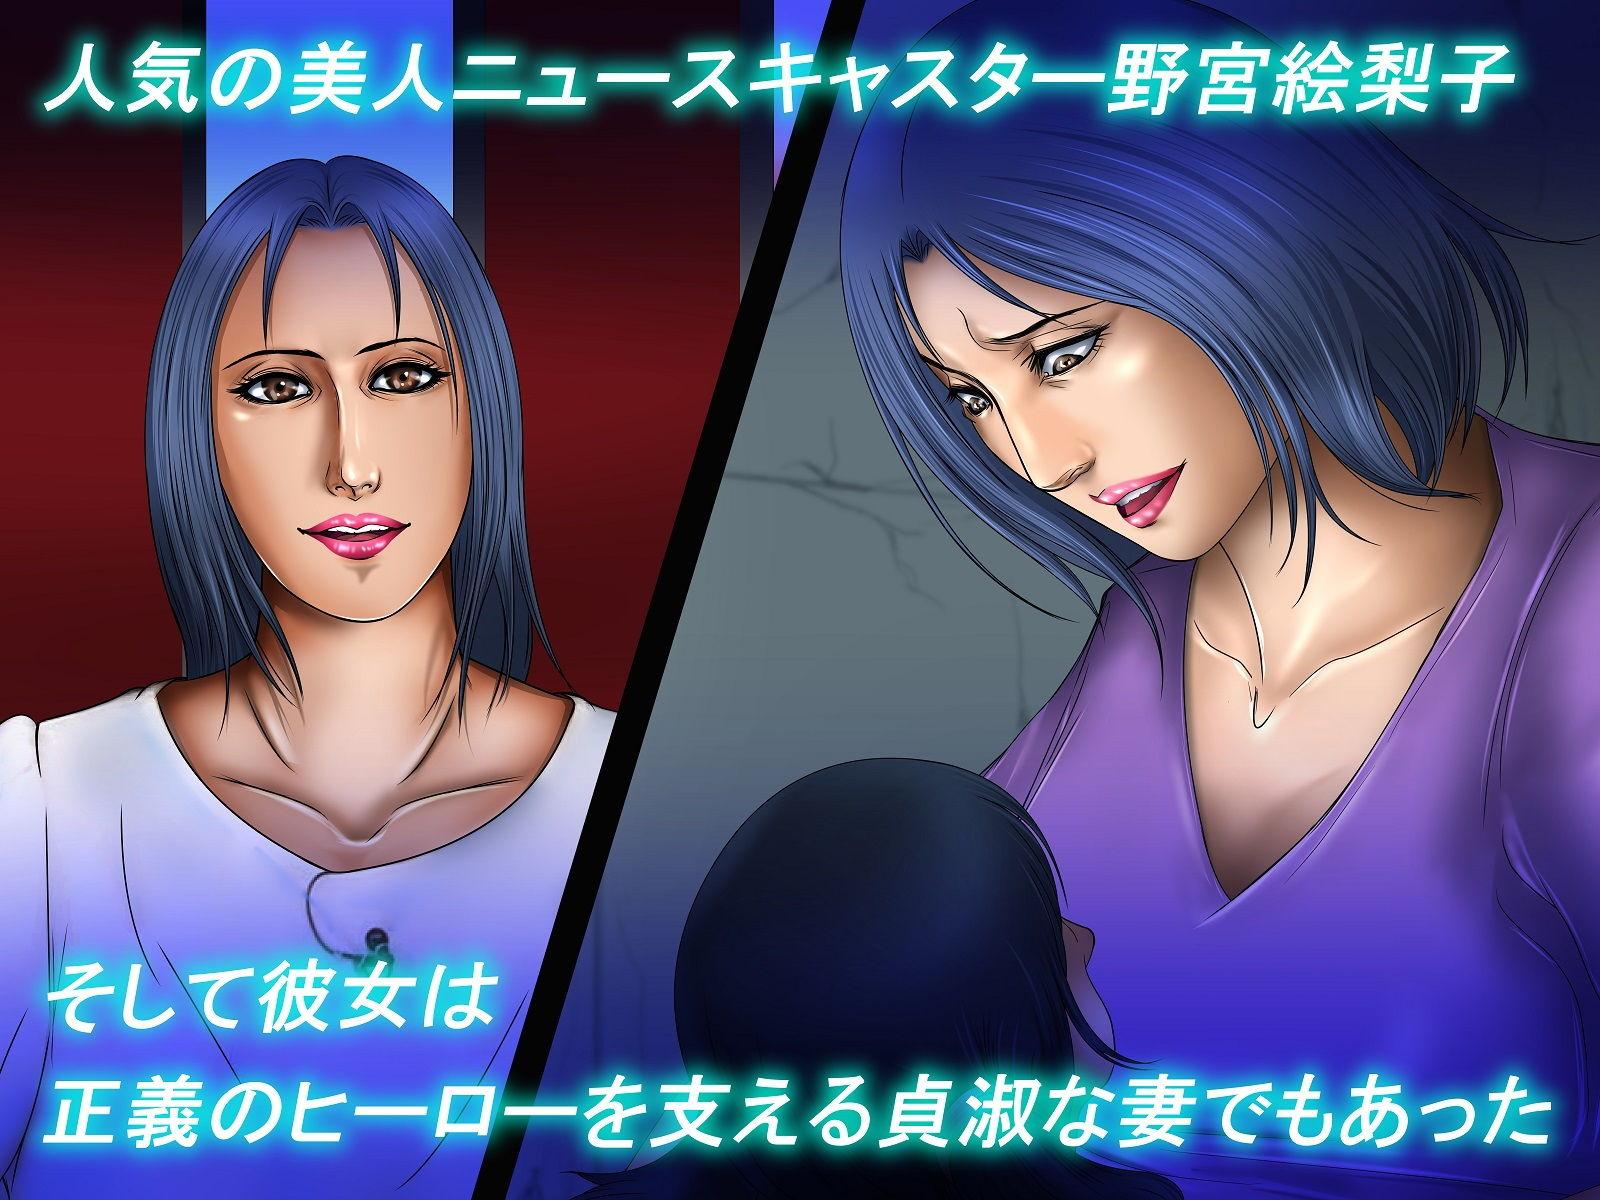 【デストロン商会 同人】ブラックフォレスト~恐怖の女怪人製造計画!~